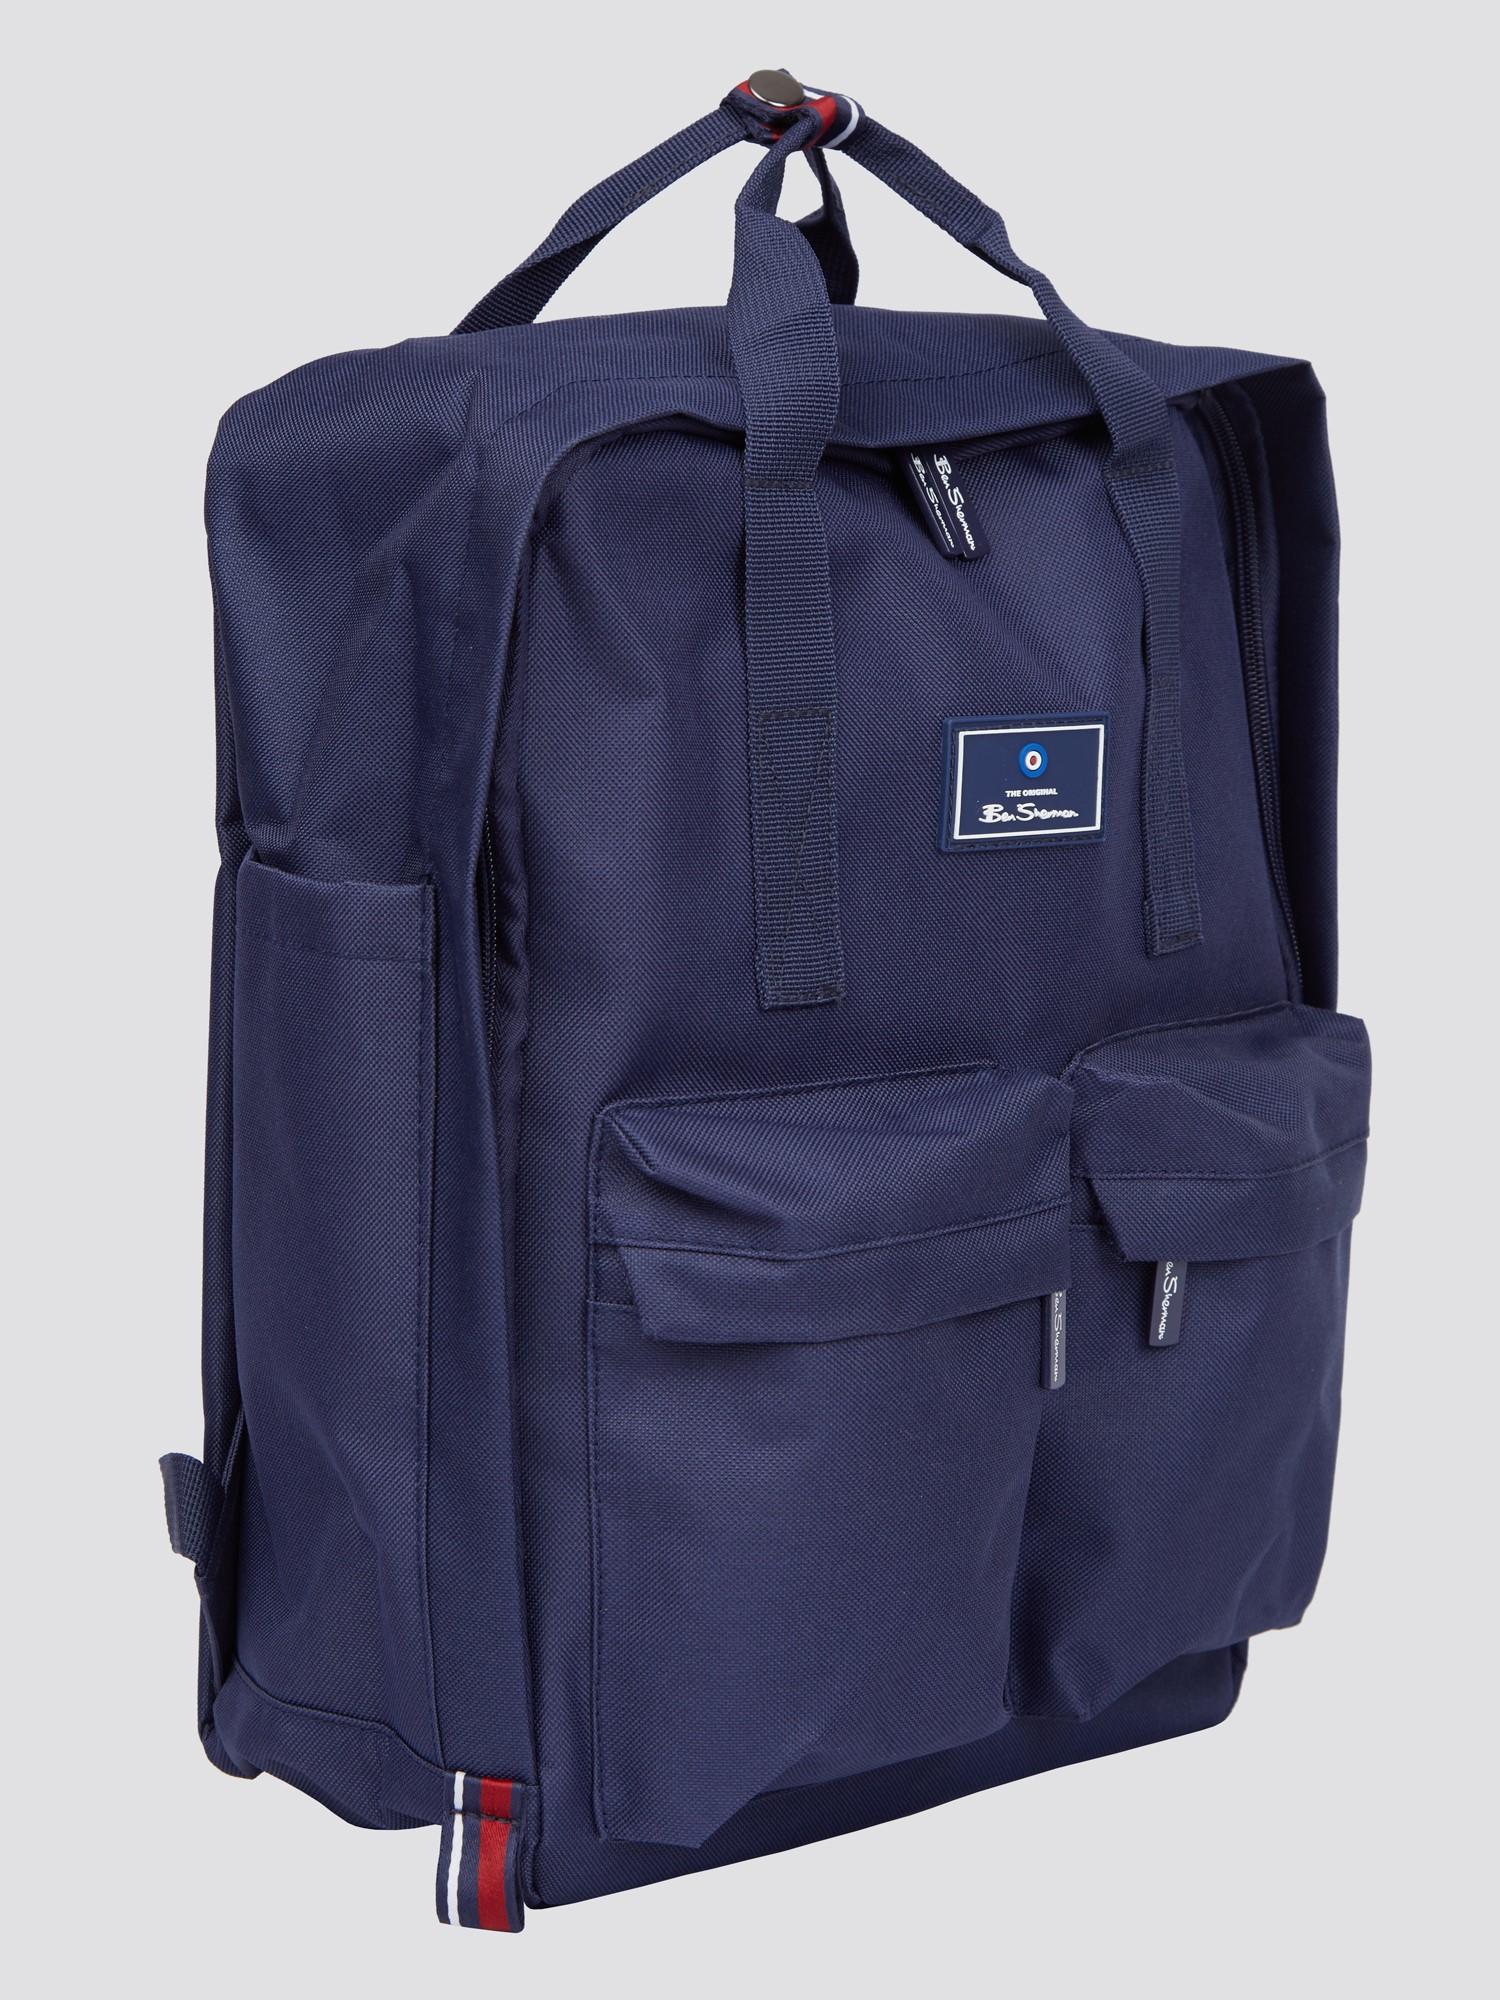 Stiles Backpack - Navy